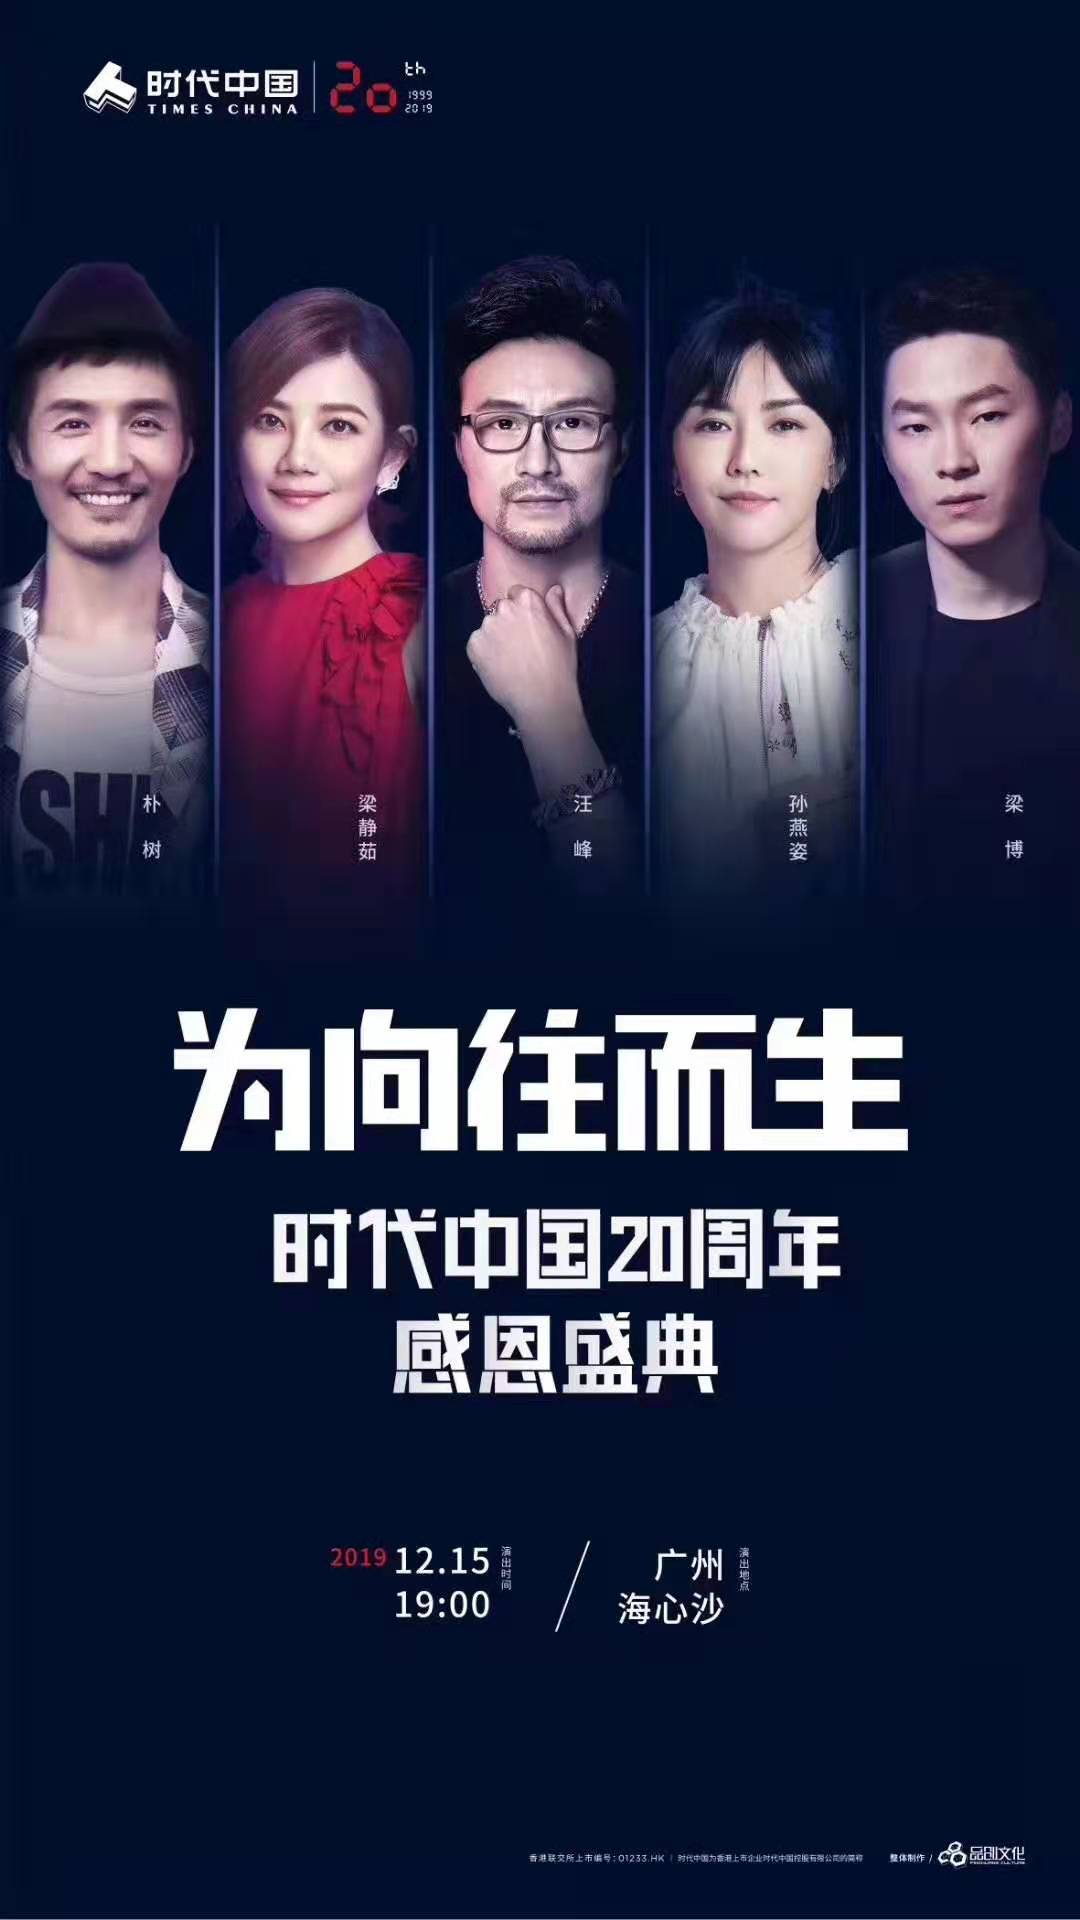 【广州】时代中国20周年感恩盛典